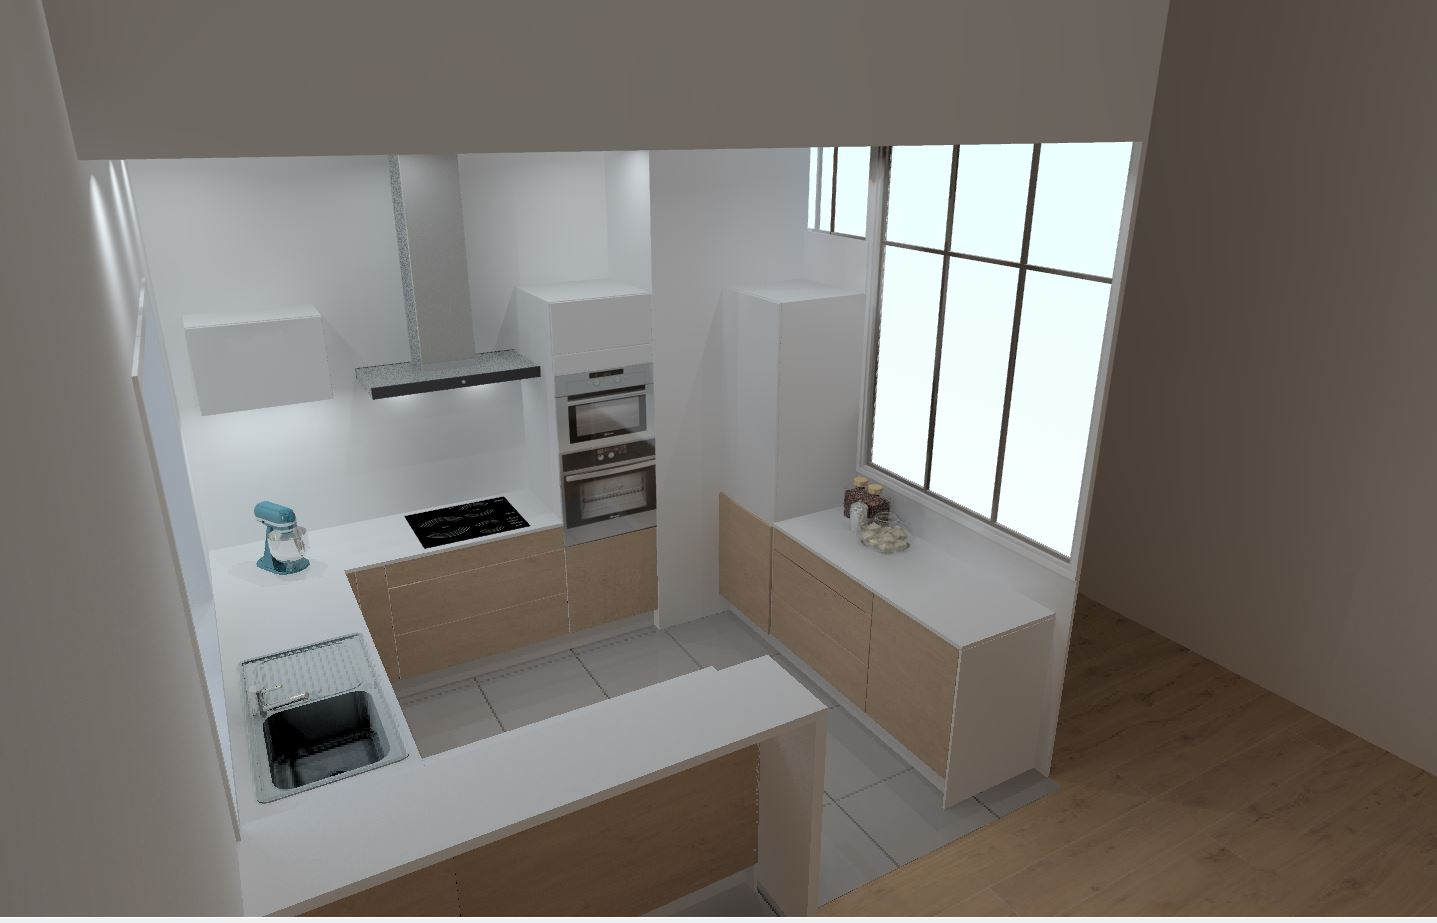 cuisine bi matière bois et laque blanche sur mesure avec vérrière par Cuisine Intérieur Design Toulouse